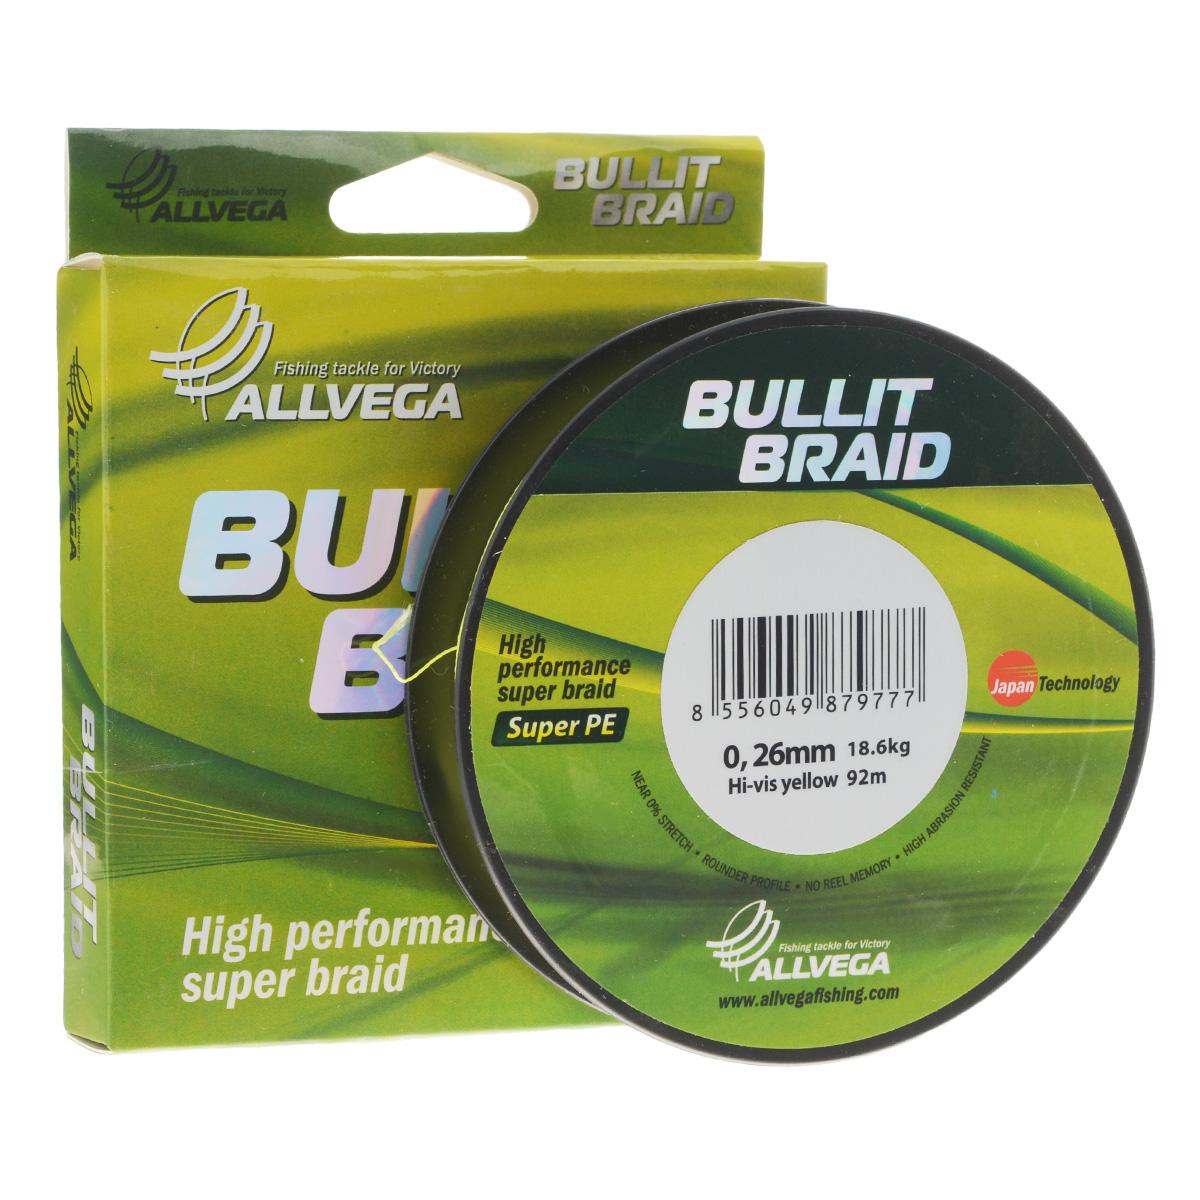 Леска плетеная Allvega Bullit Braid, цвет: ярко-желтый, 92 м, 0,26 мм, 18,6 кг06/4/07Леска Allvega Bullit Braid с гладкой поверхностью и одинаковым сечением по всей длине обладает высокой износостойкостью. Благодаря микроволокнам полиэтилена (Super PE) леска имеет очень плотное плетение и не впитывает воду. Леску Allvega Bullit Braid можно применять в любых типах водоемов. Особенности:повышенная износостойкость;высокая чувствительность - коэффициент растяжения близок к нулю;отсутствует память; идеально гладкая поверхность позволяет увеличить дальность забросов; высокая прочность шнура на узлах.